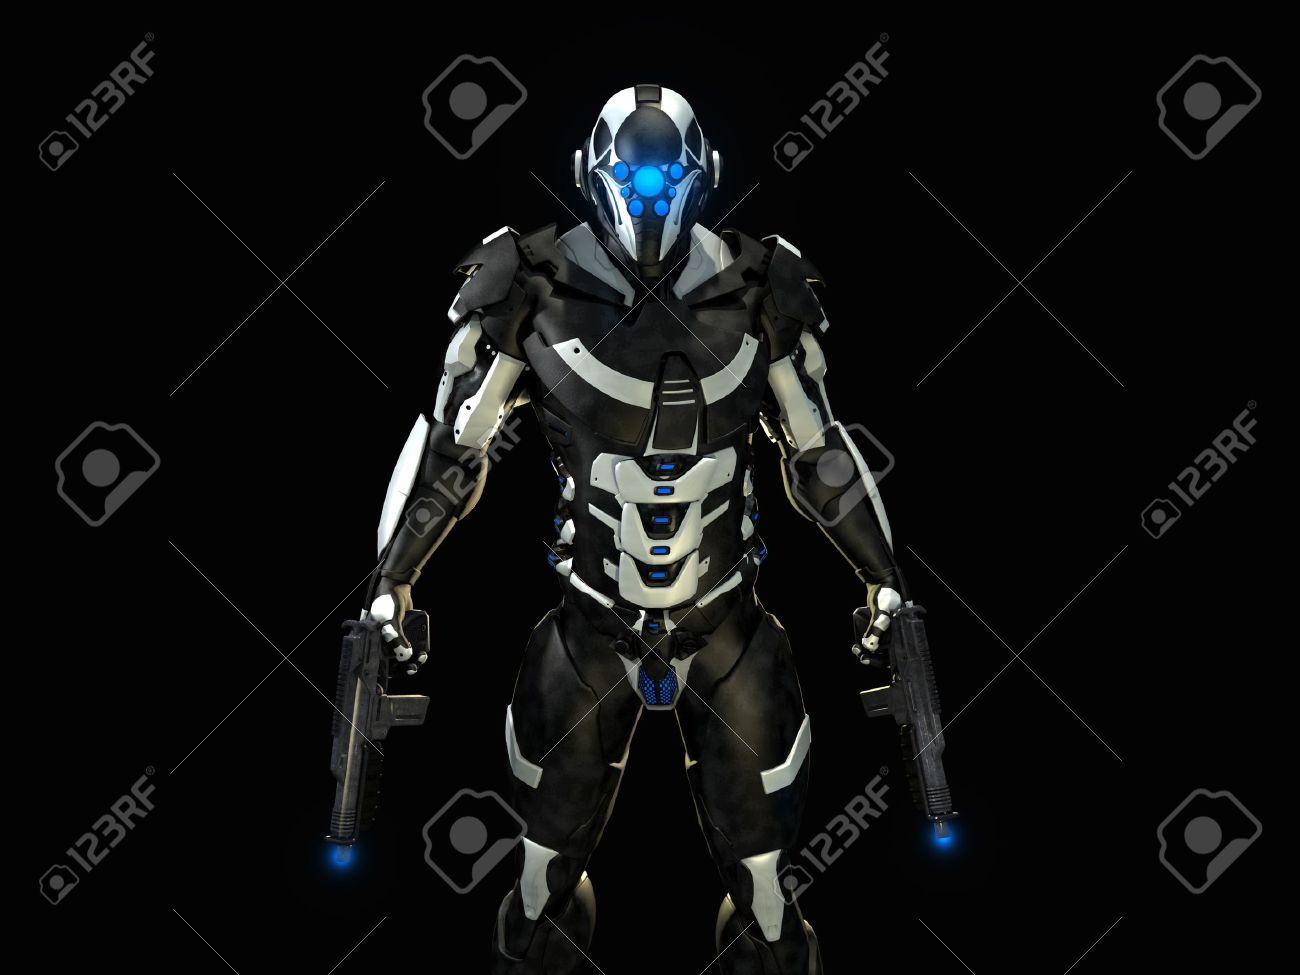 les personnages 14334877-soldat-futuriste-Banque-d'images